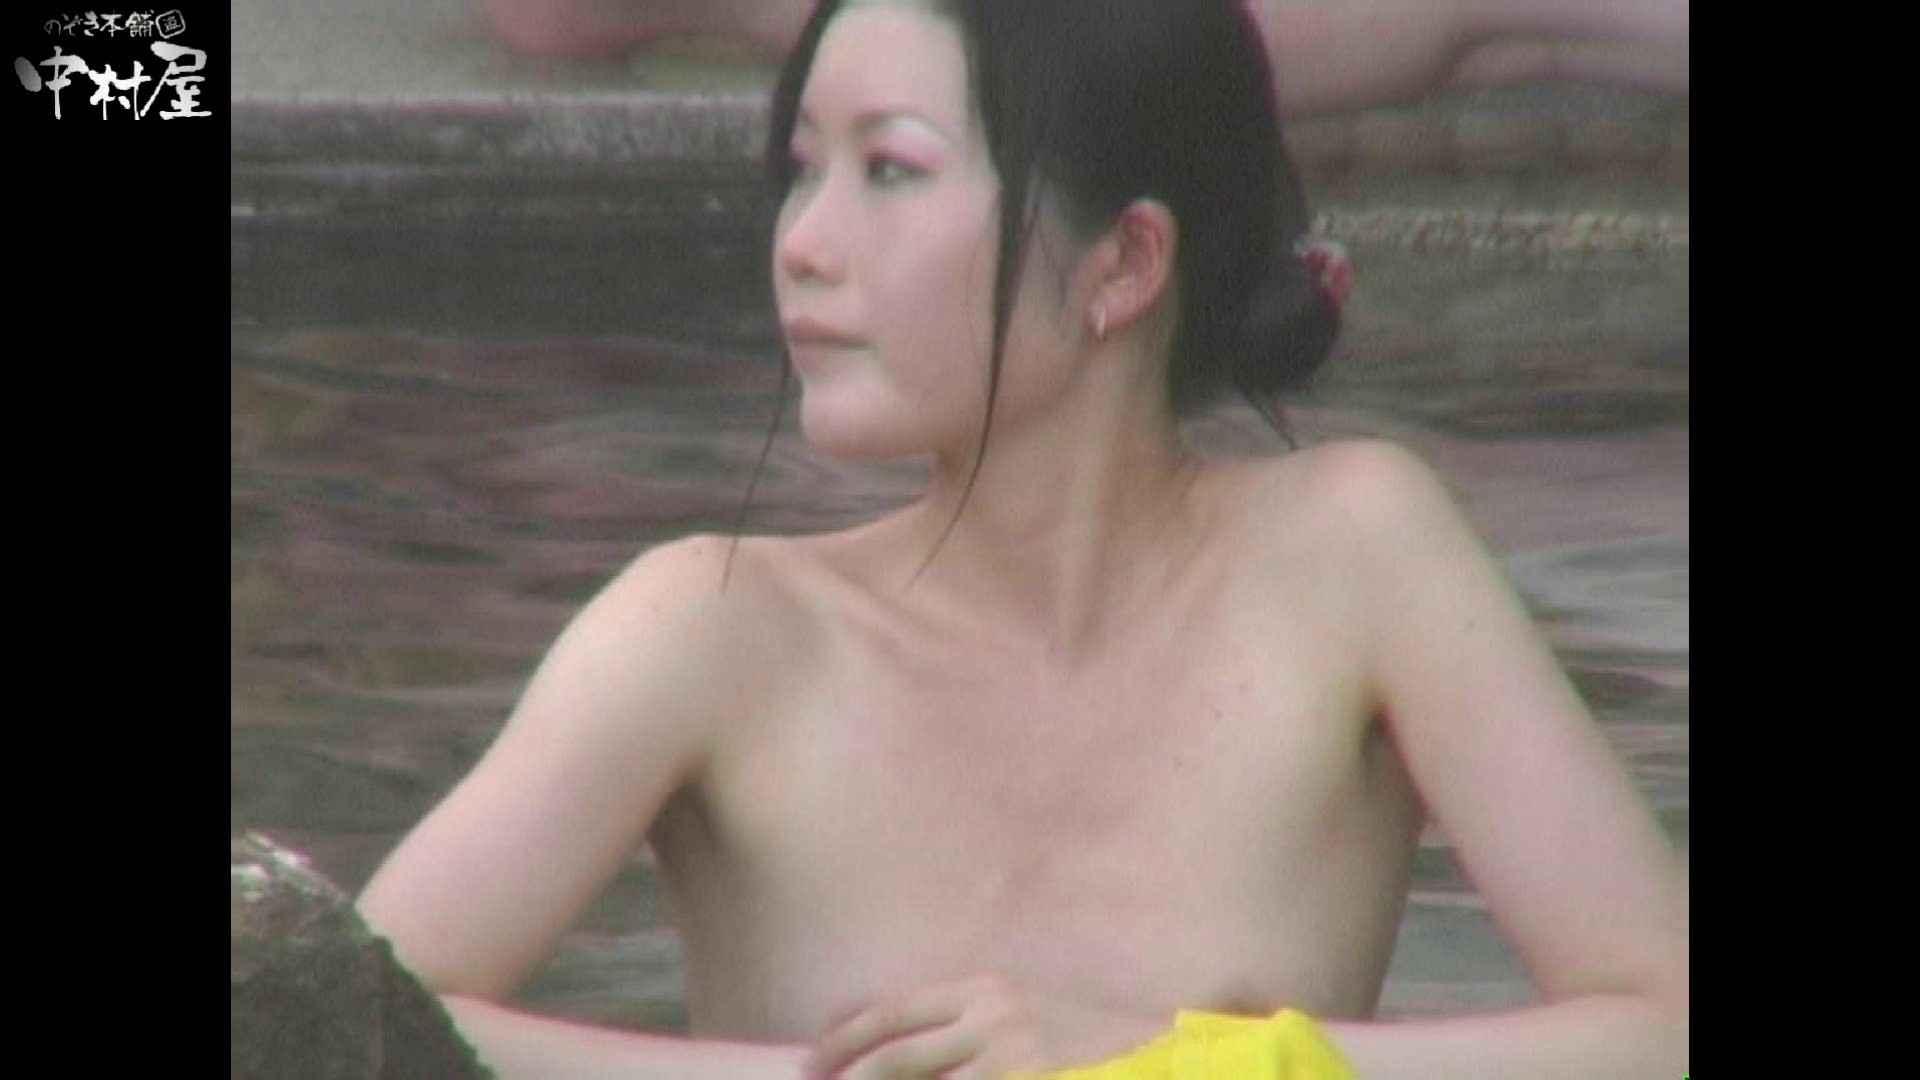 Aquaな露天風呂Vol.940 盗撮 オメコ無修正動画無料 98画像 71